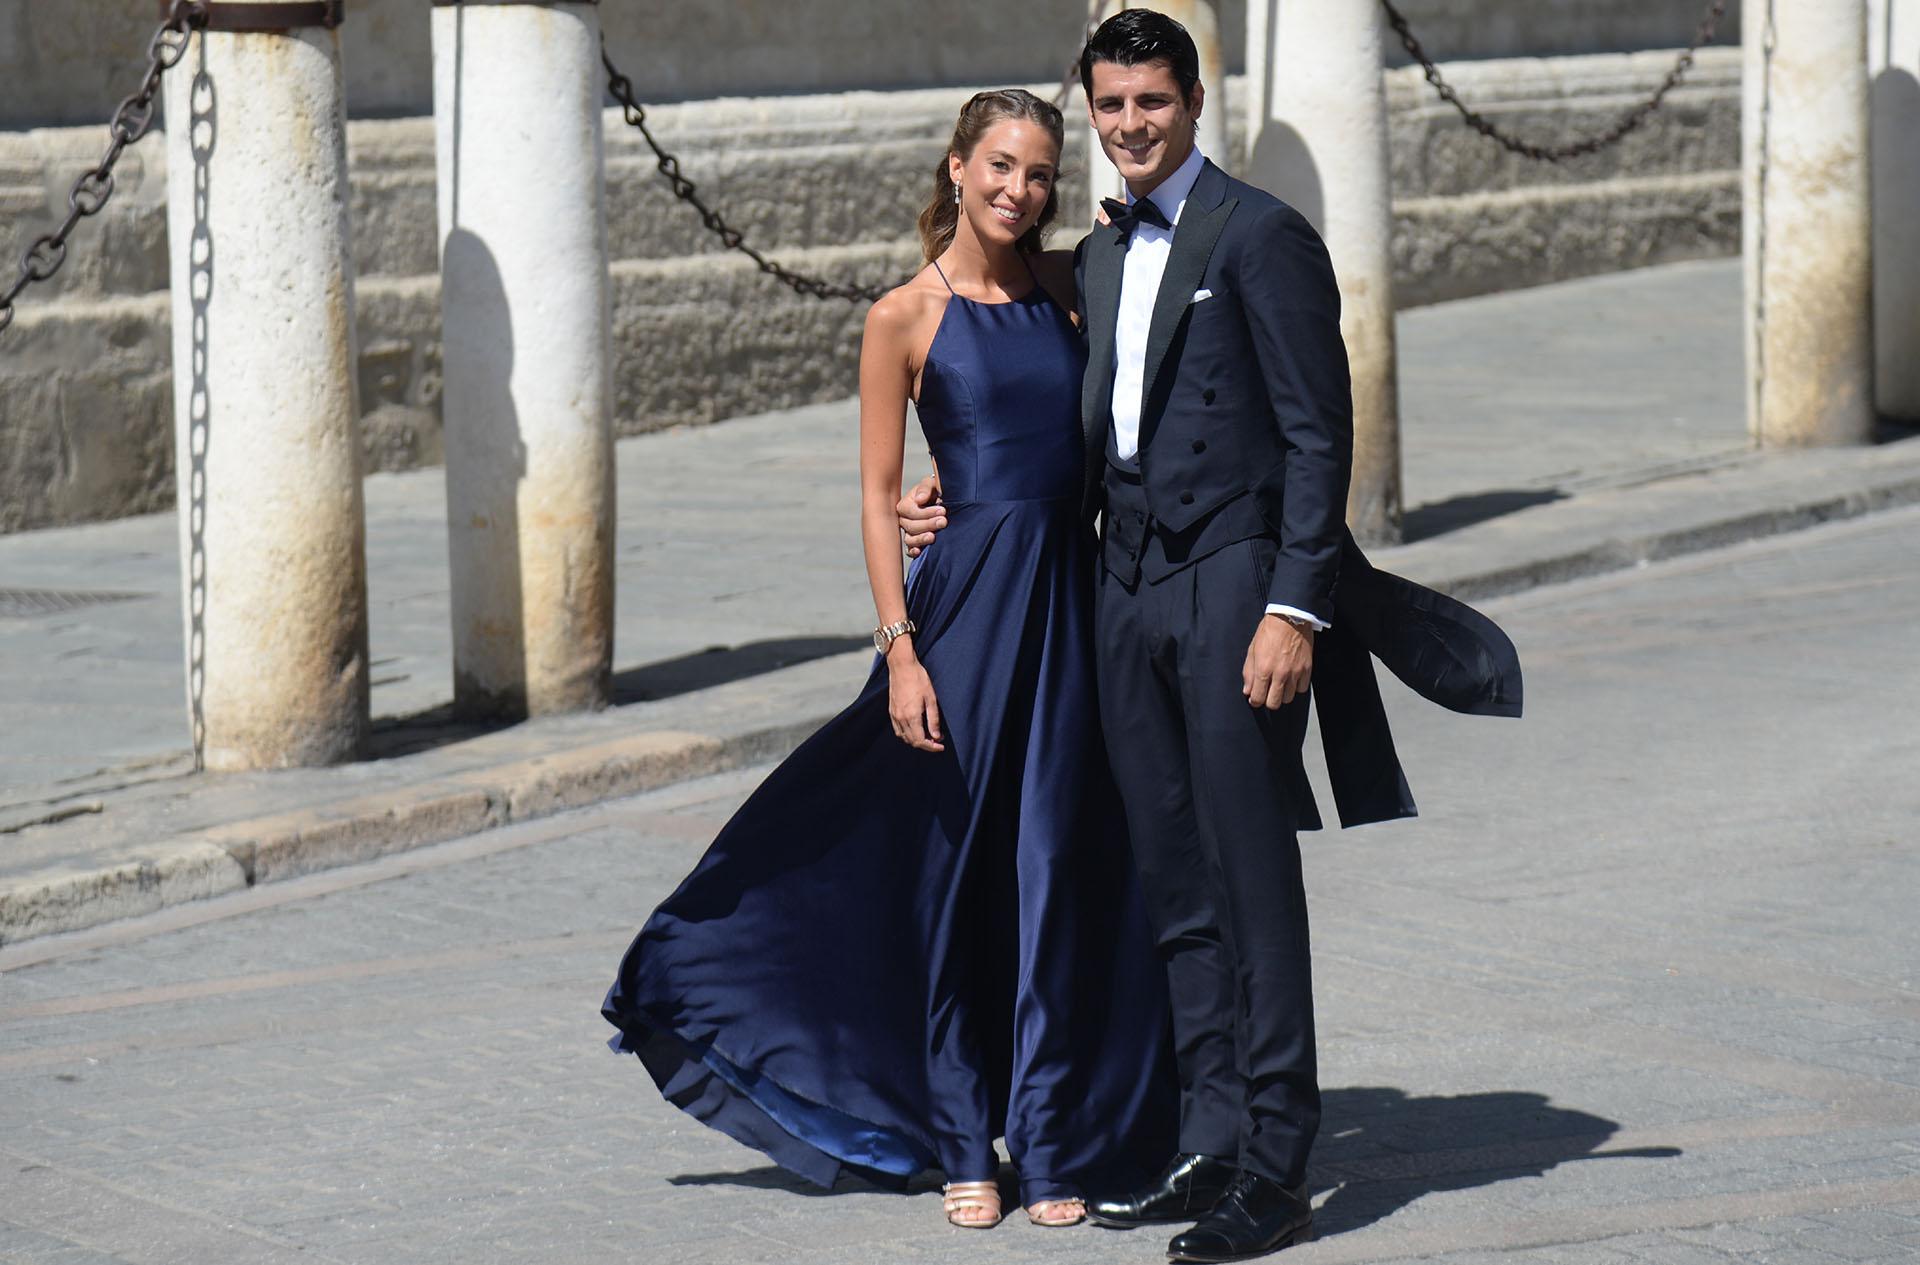 El delantero del Atlético de Madrid Álvaro Morata y Alice Campello, su esposa